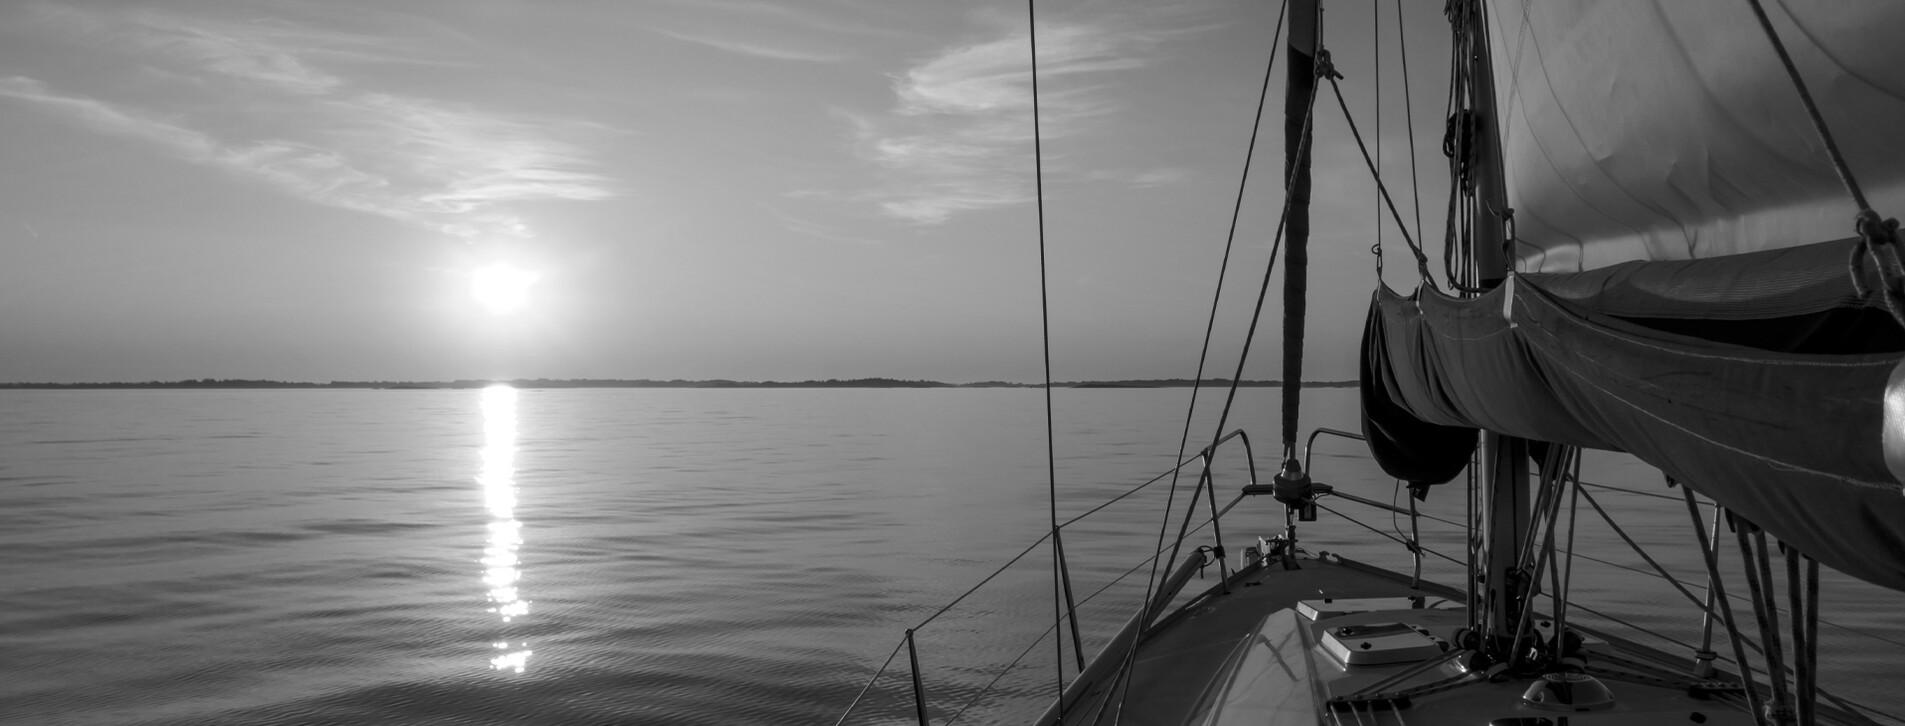 Фото 1 - Закат на яхте для двоих